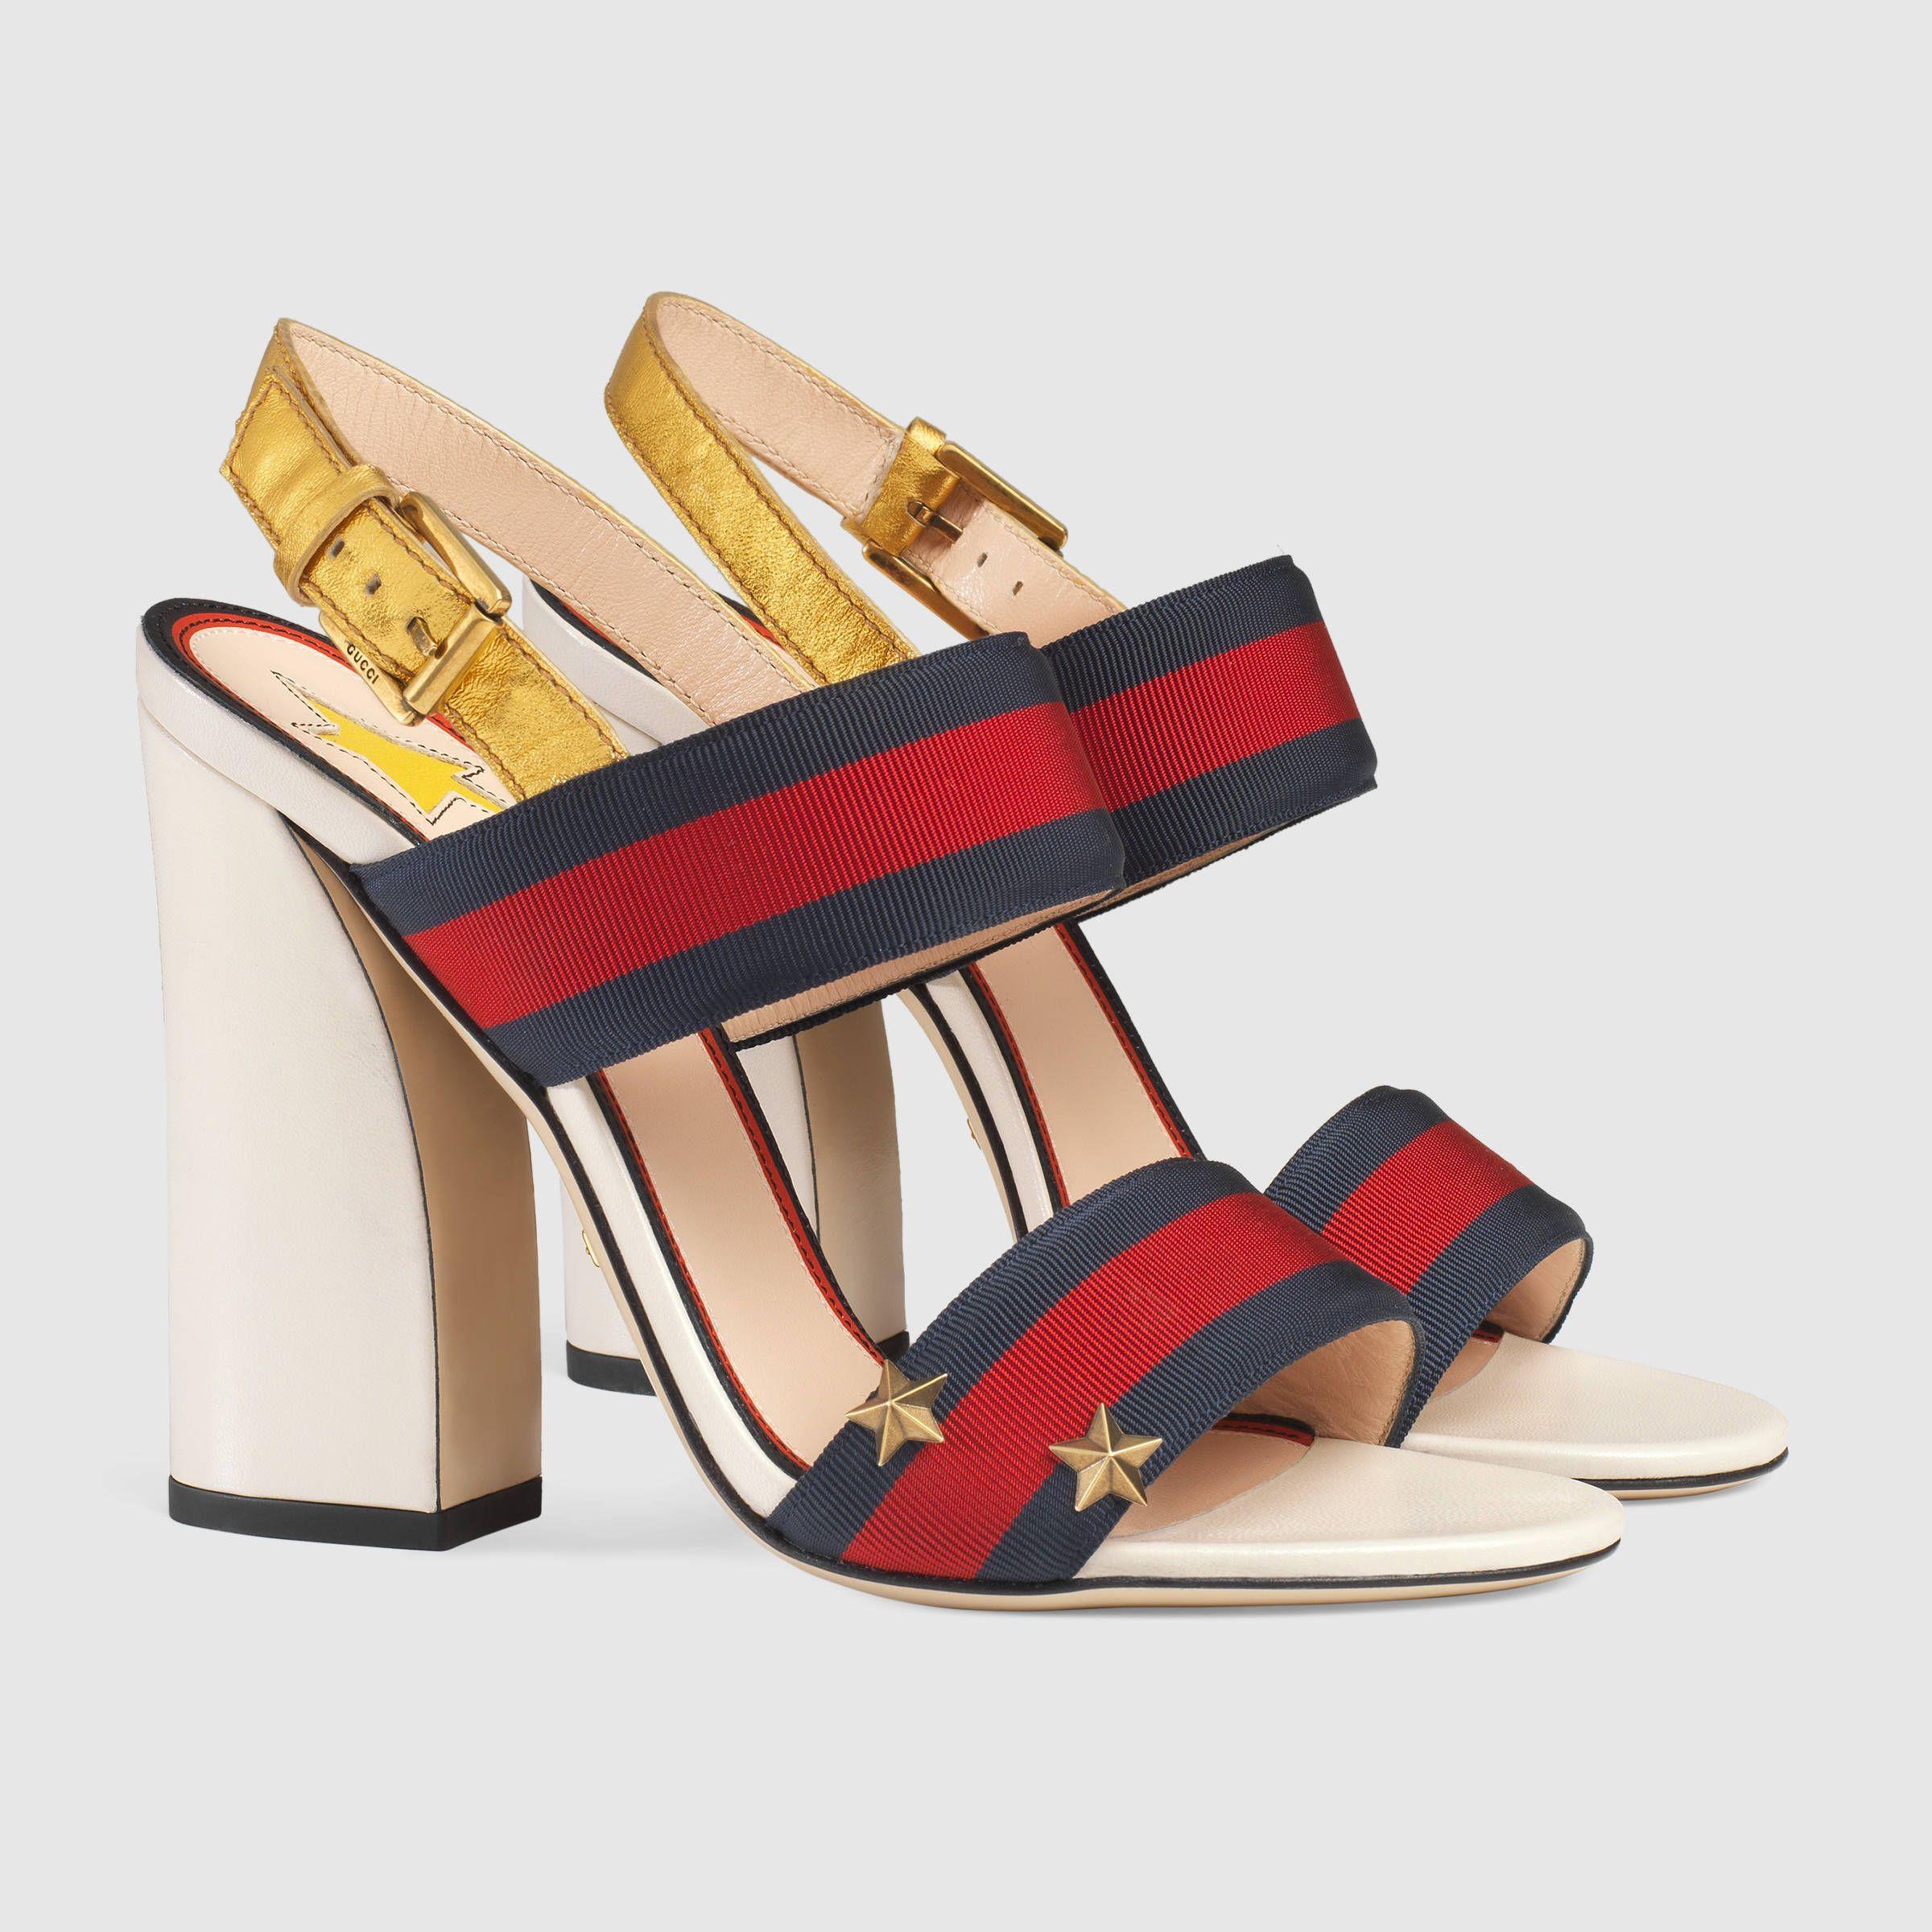 2f961751394 Grosgrain Web sandal - Gucci Women s Sandals 432046H5QF08465